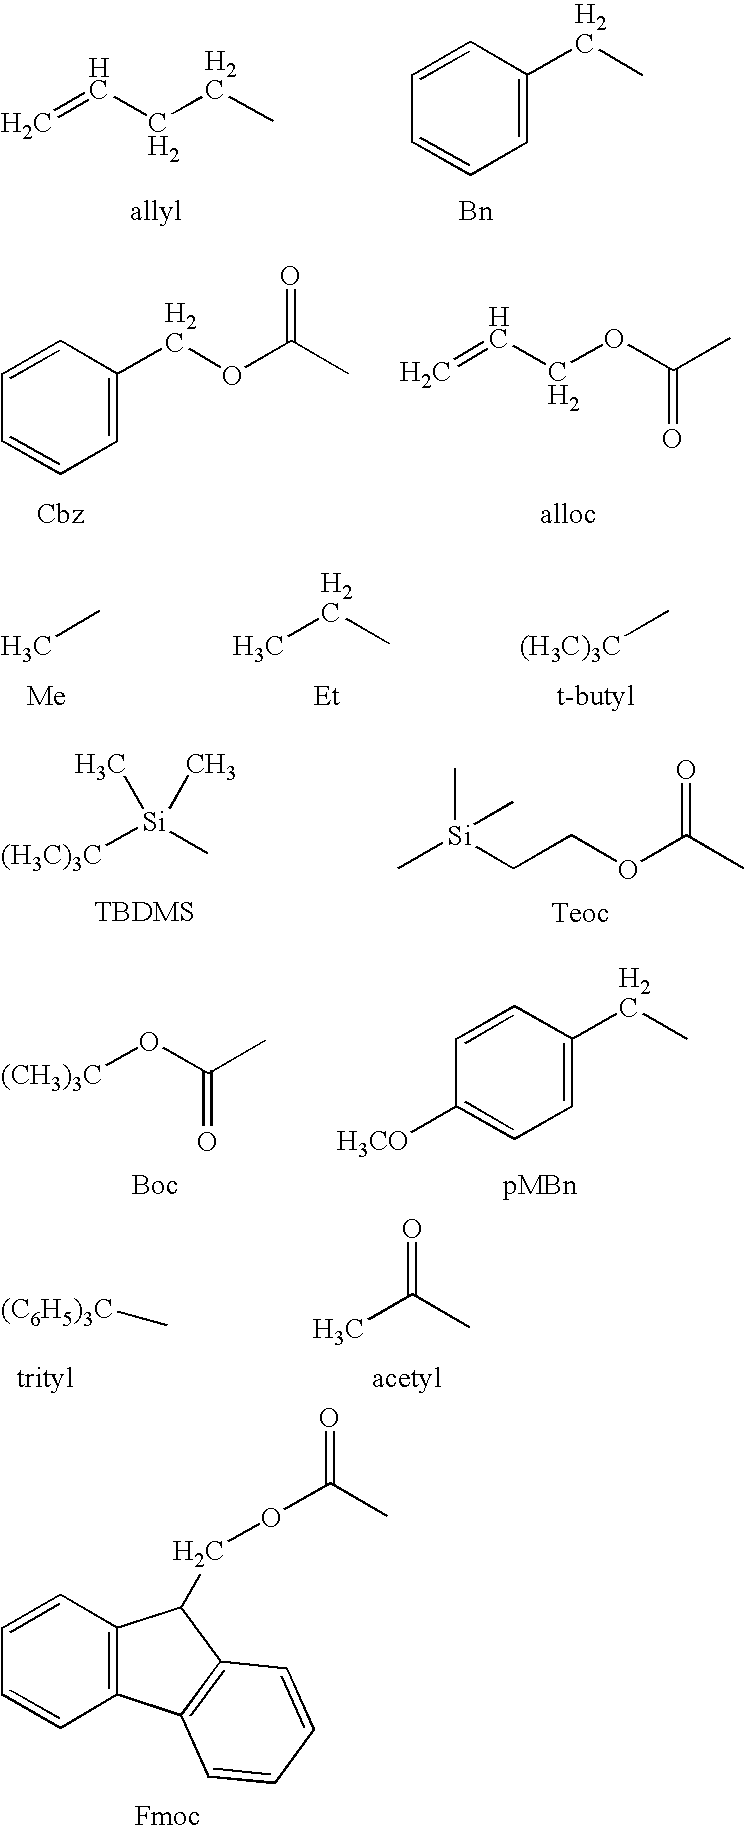 Figure US20060019347A1-20060126-C00004